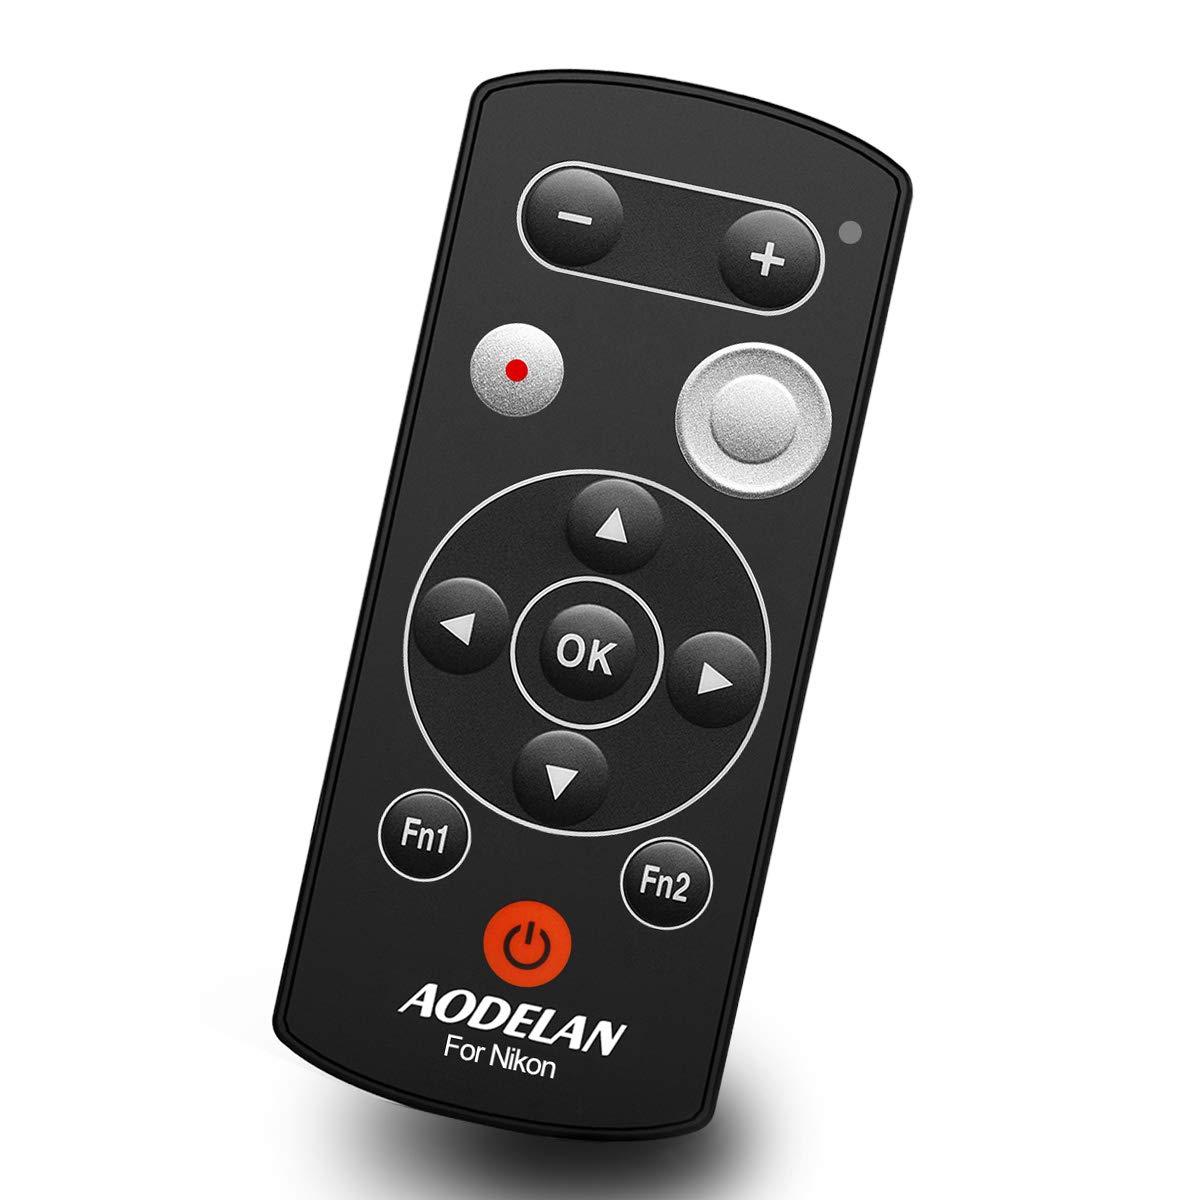 AODELAN Camera Remote Wireless Shutter Release ML-L7A for Nikon COOLPIX B600,A1000,P1000. Replace Nikon ML-L7 by AODELAN